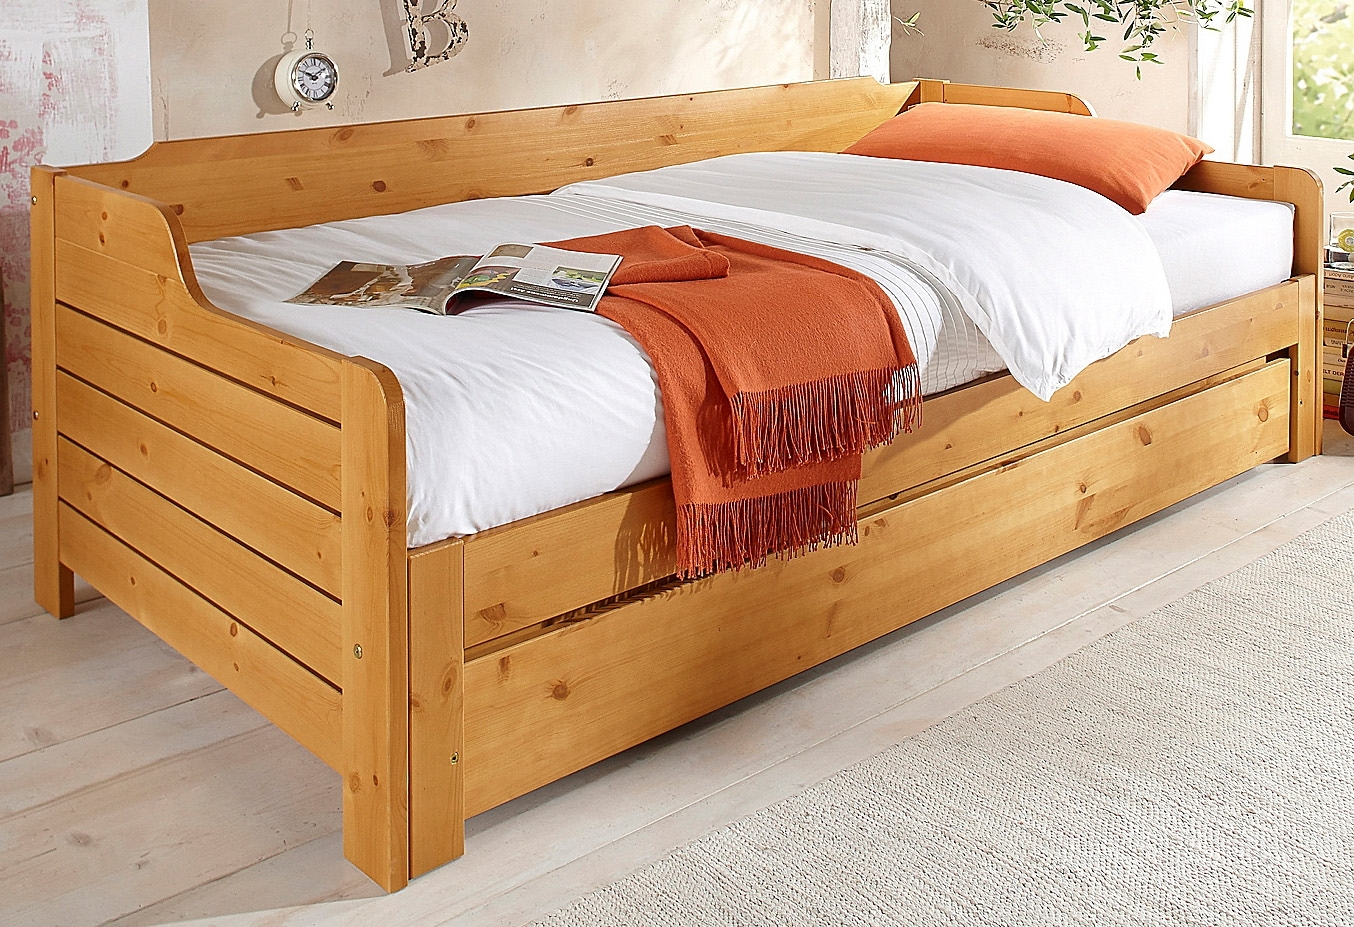 Home Affaire Bed in landhuisstijl bestellen: 14 dagen bedenktijd